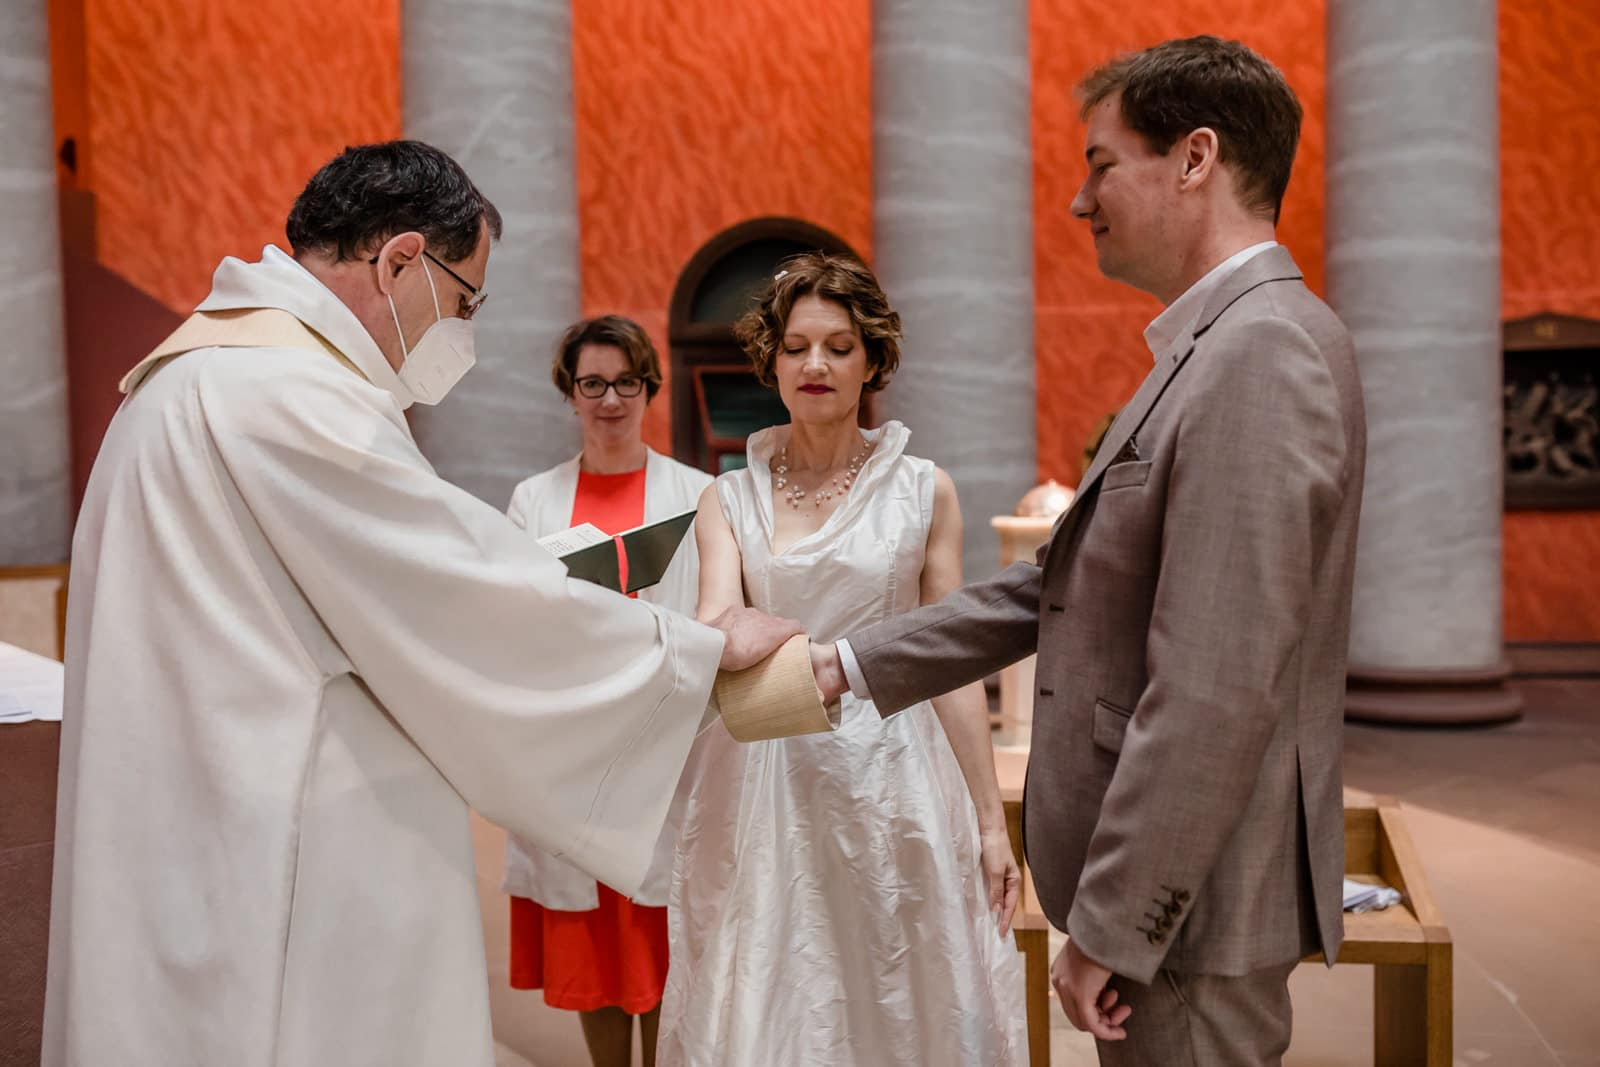 Pfarrer segnet ein Brautpaar in der St. Ludwig Kirche in Darmstadt während der Coronazeit mit Mundschutz.